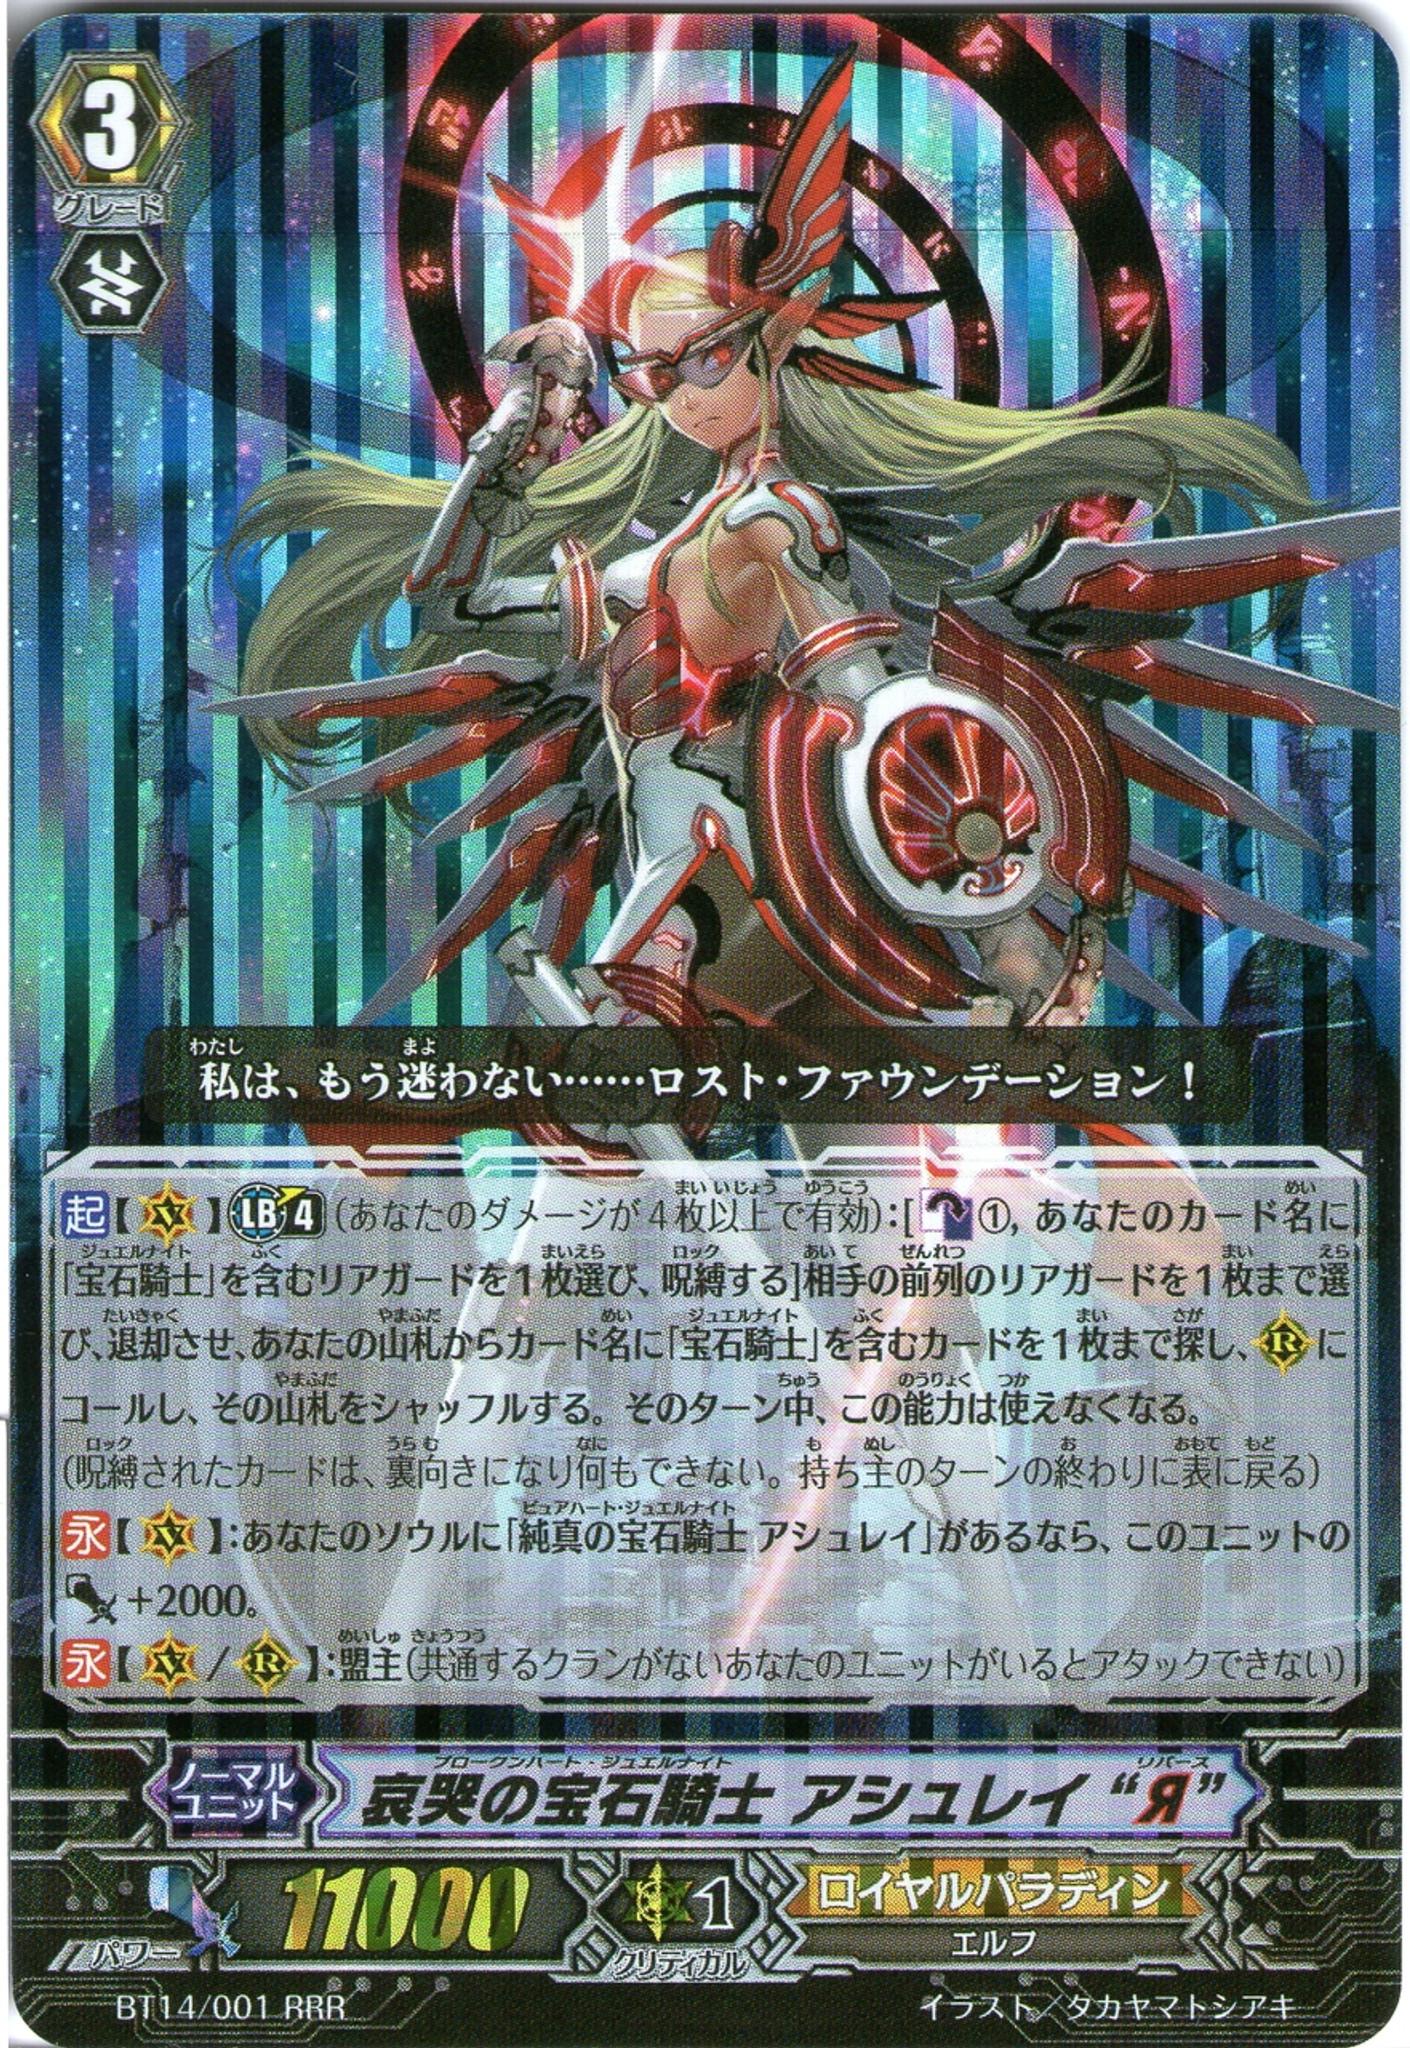 Cardfight! Vanguard G-CB04 RRR single card Please Select Card